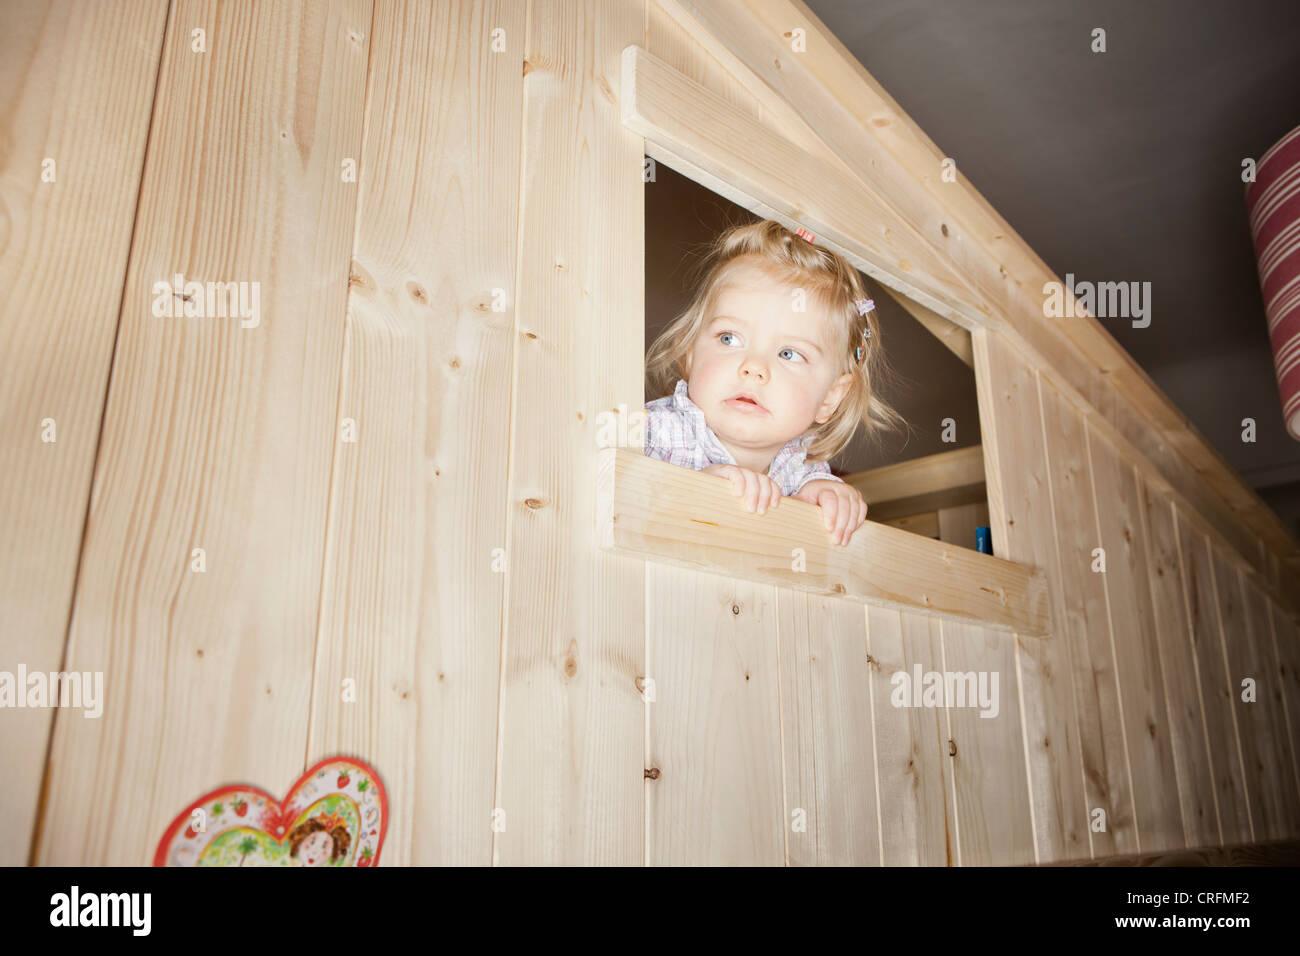 Ragazza che spuntavano finestra di playhouse Immagini Stock